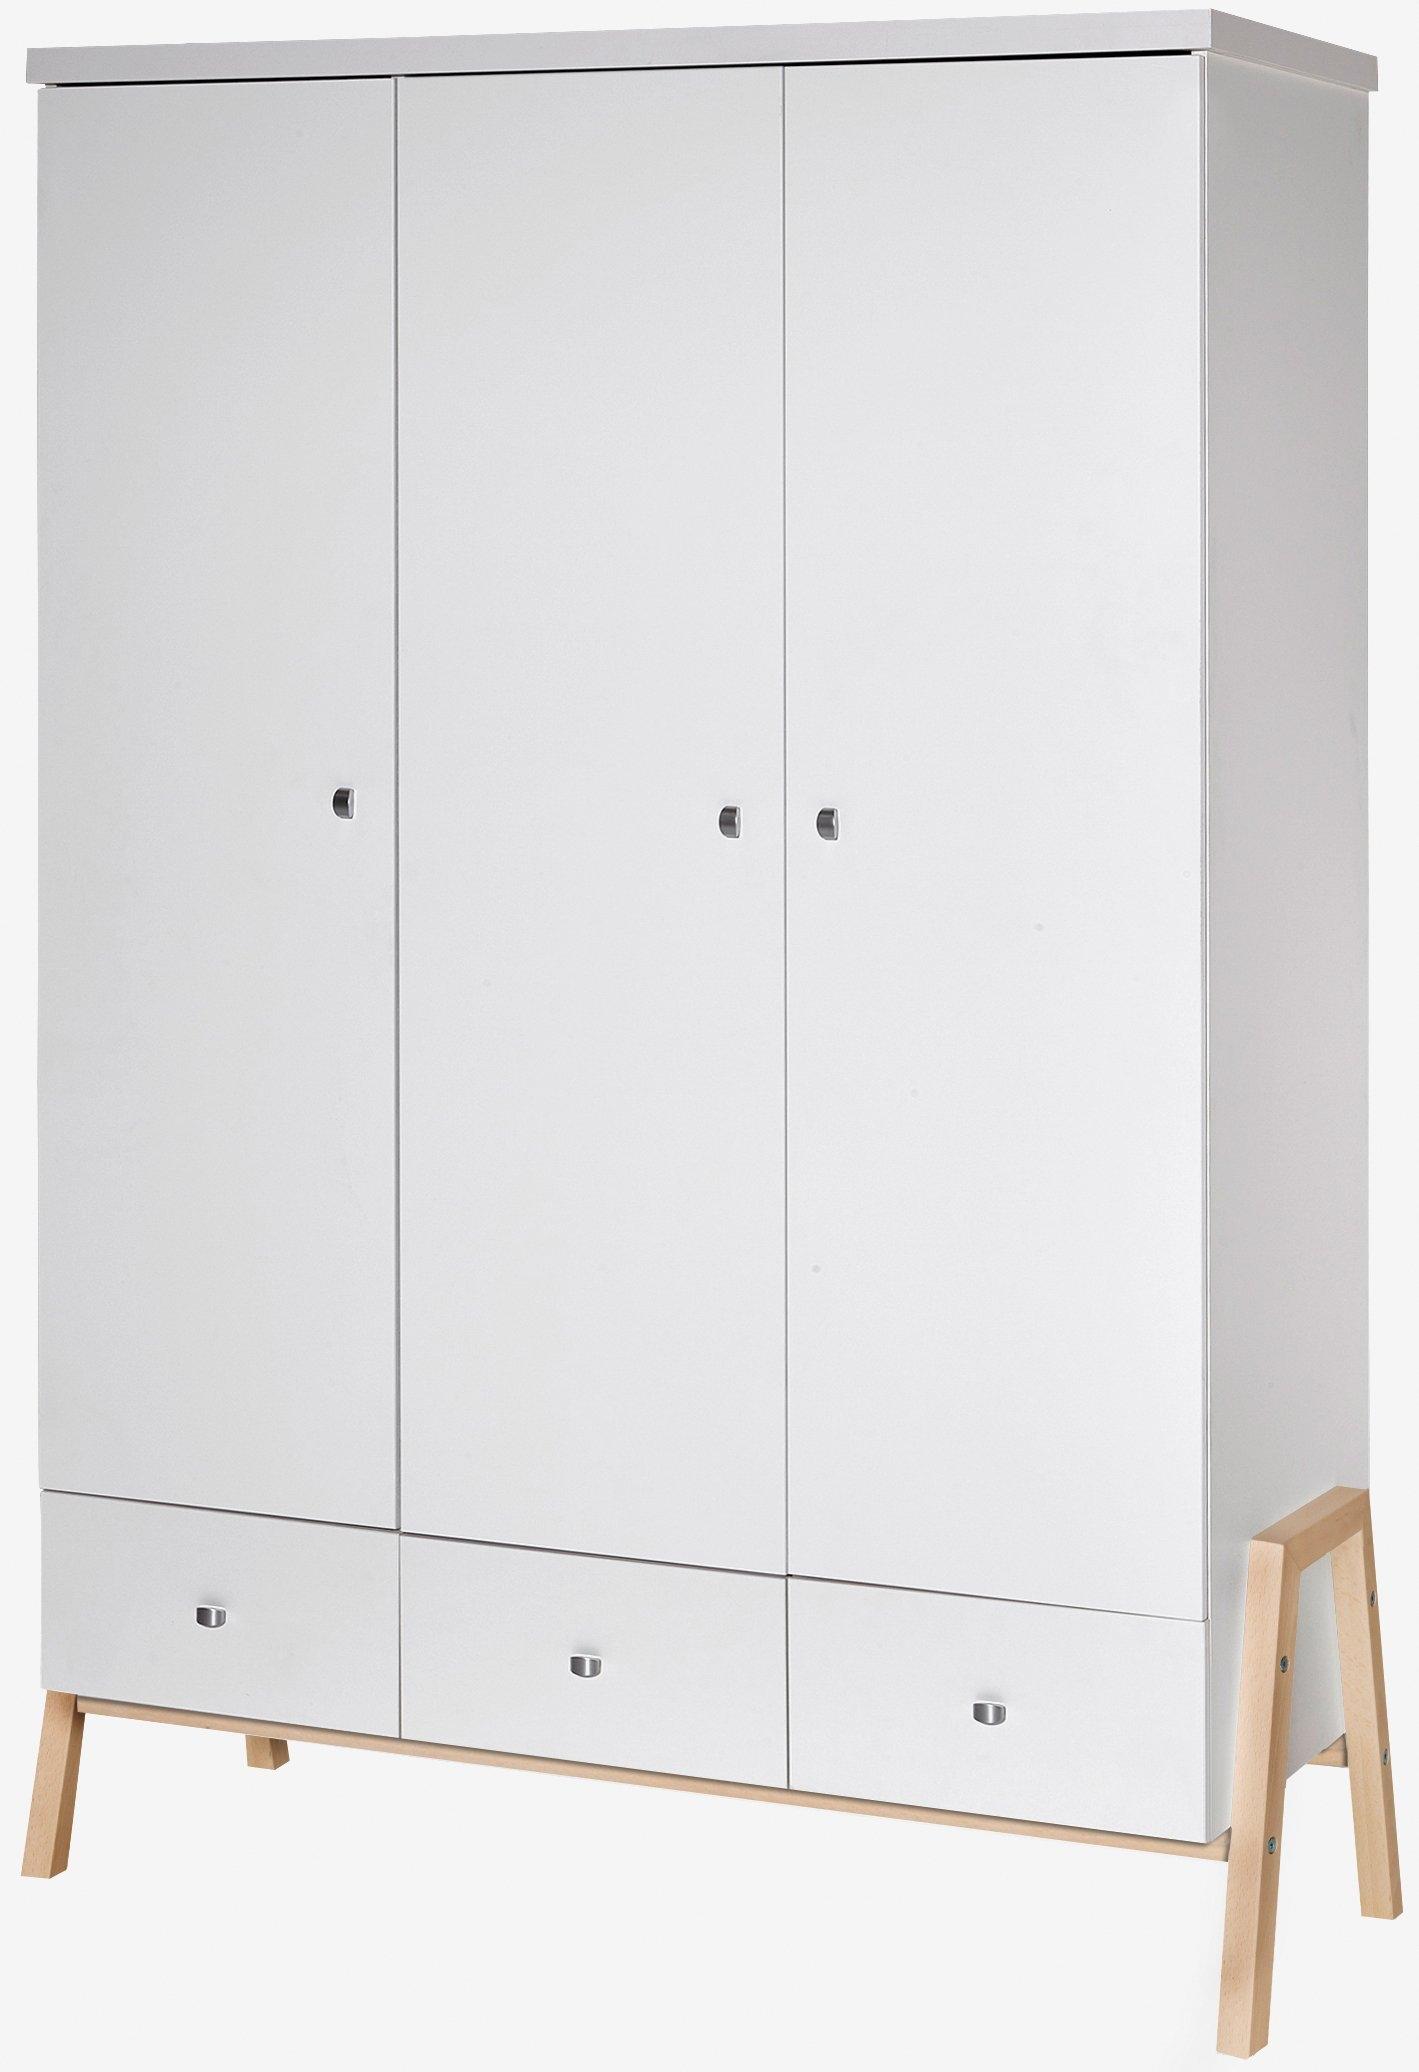 Schardt kledingkast Holly Nature 3-deurs; made in germany in de webshop van OTTO kopen